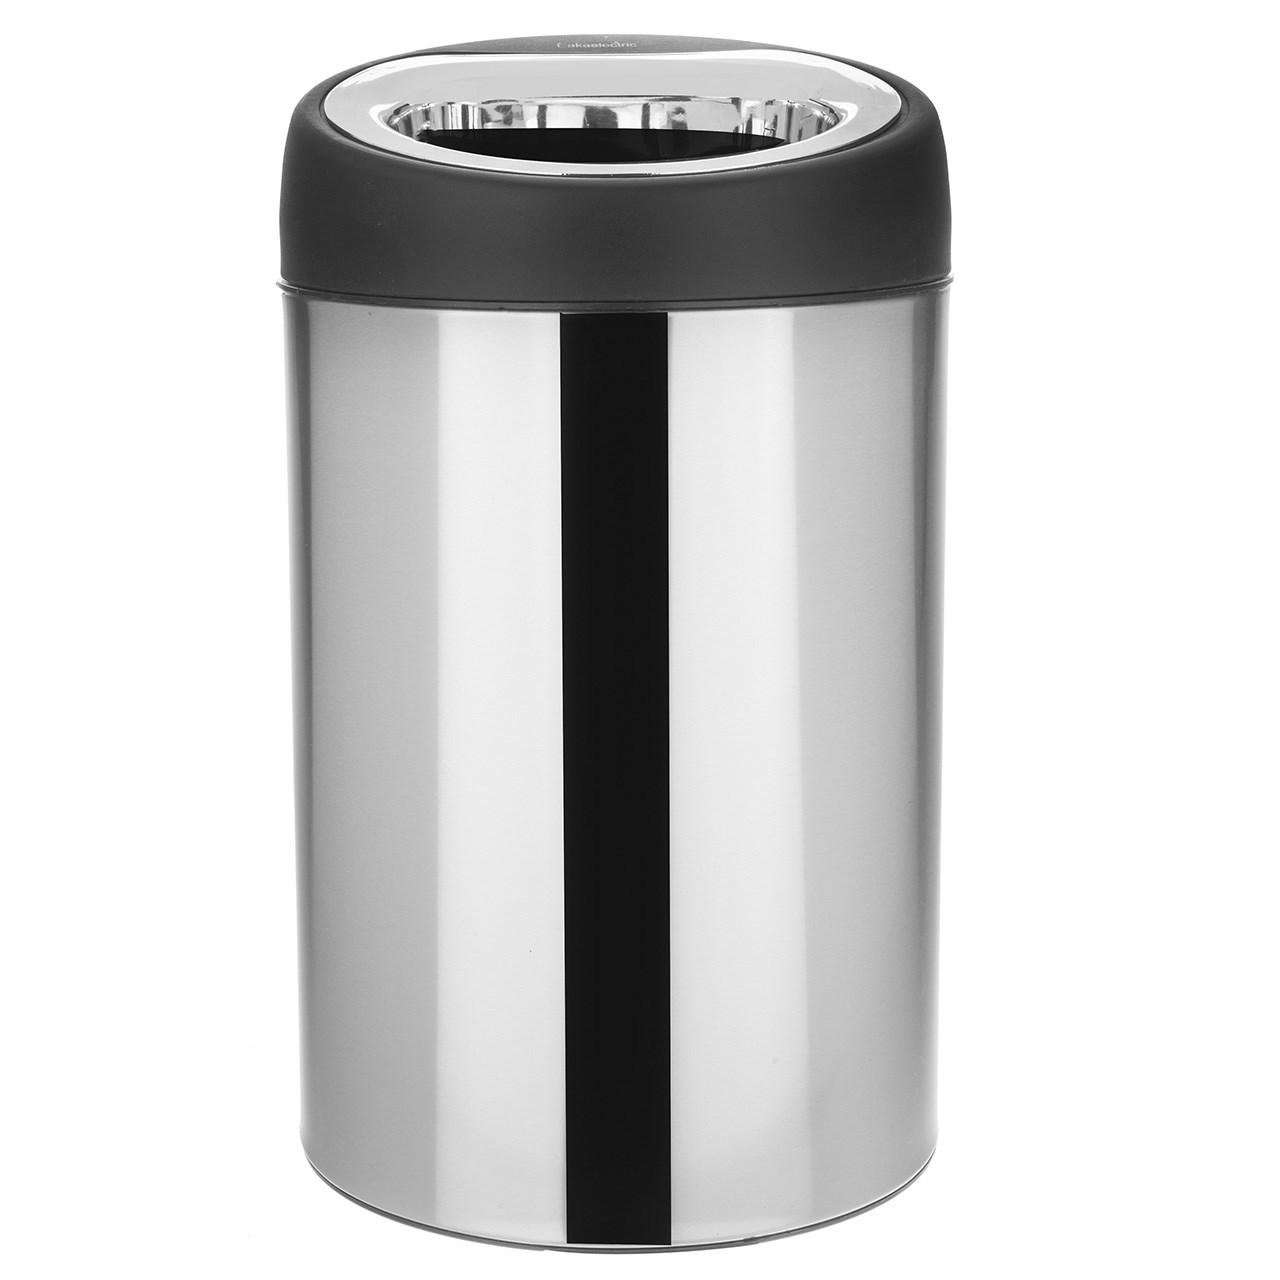 سطل زباله آکا الکتریک مدل Shoot گنجایش 38 لیتر